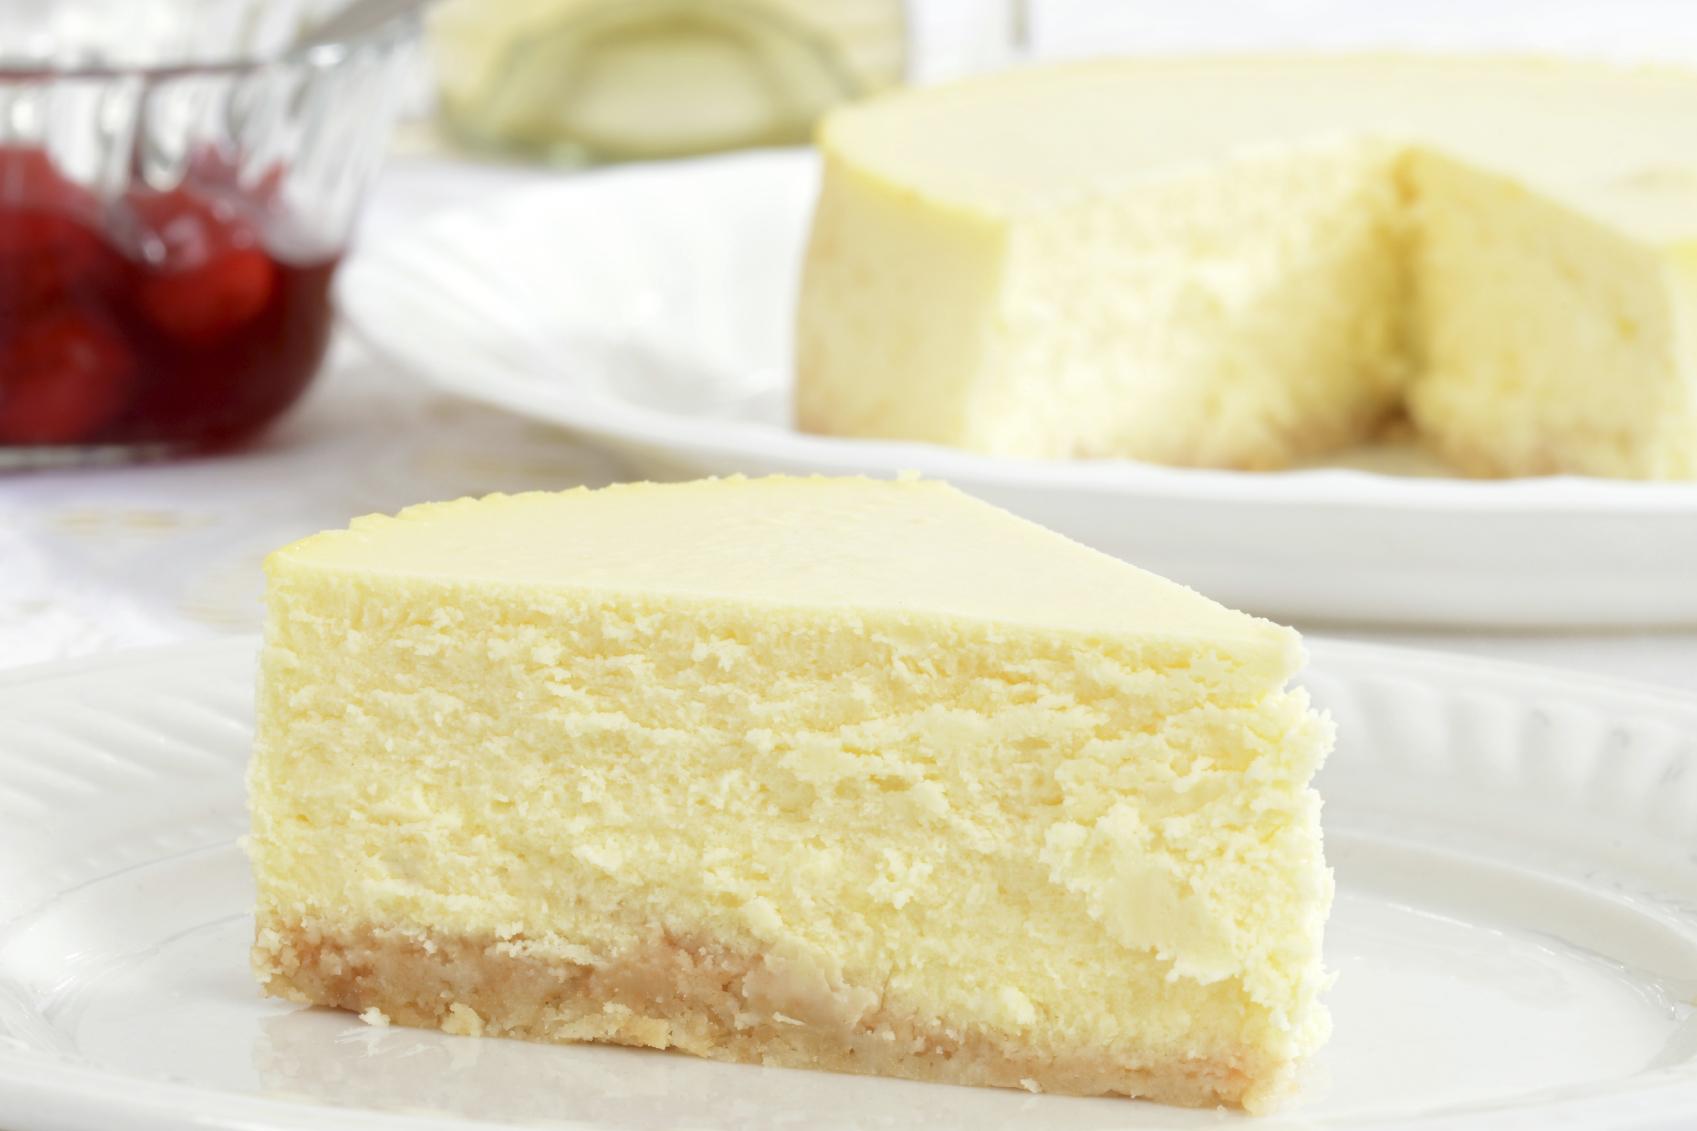 Receipe: Baked cheesecake with no added sugar Riċetta: 'Cheesecake' fil-forn, mingħajr zokkor miżjud